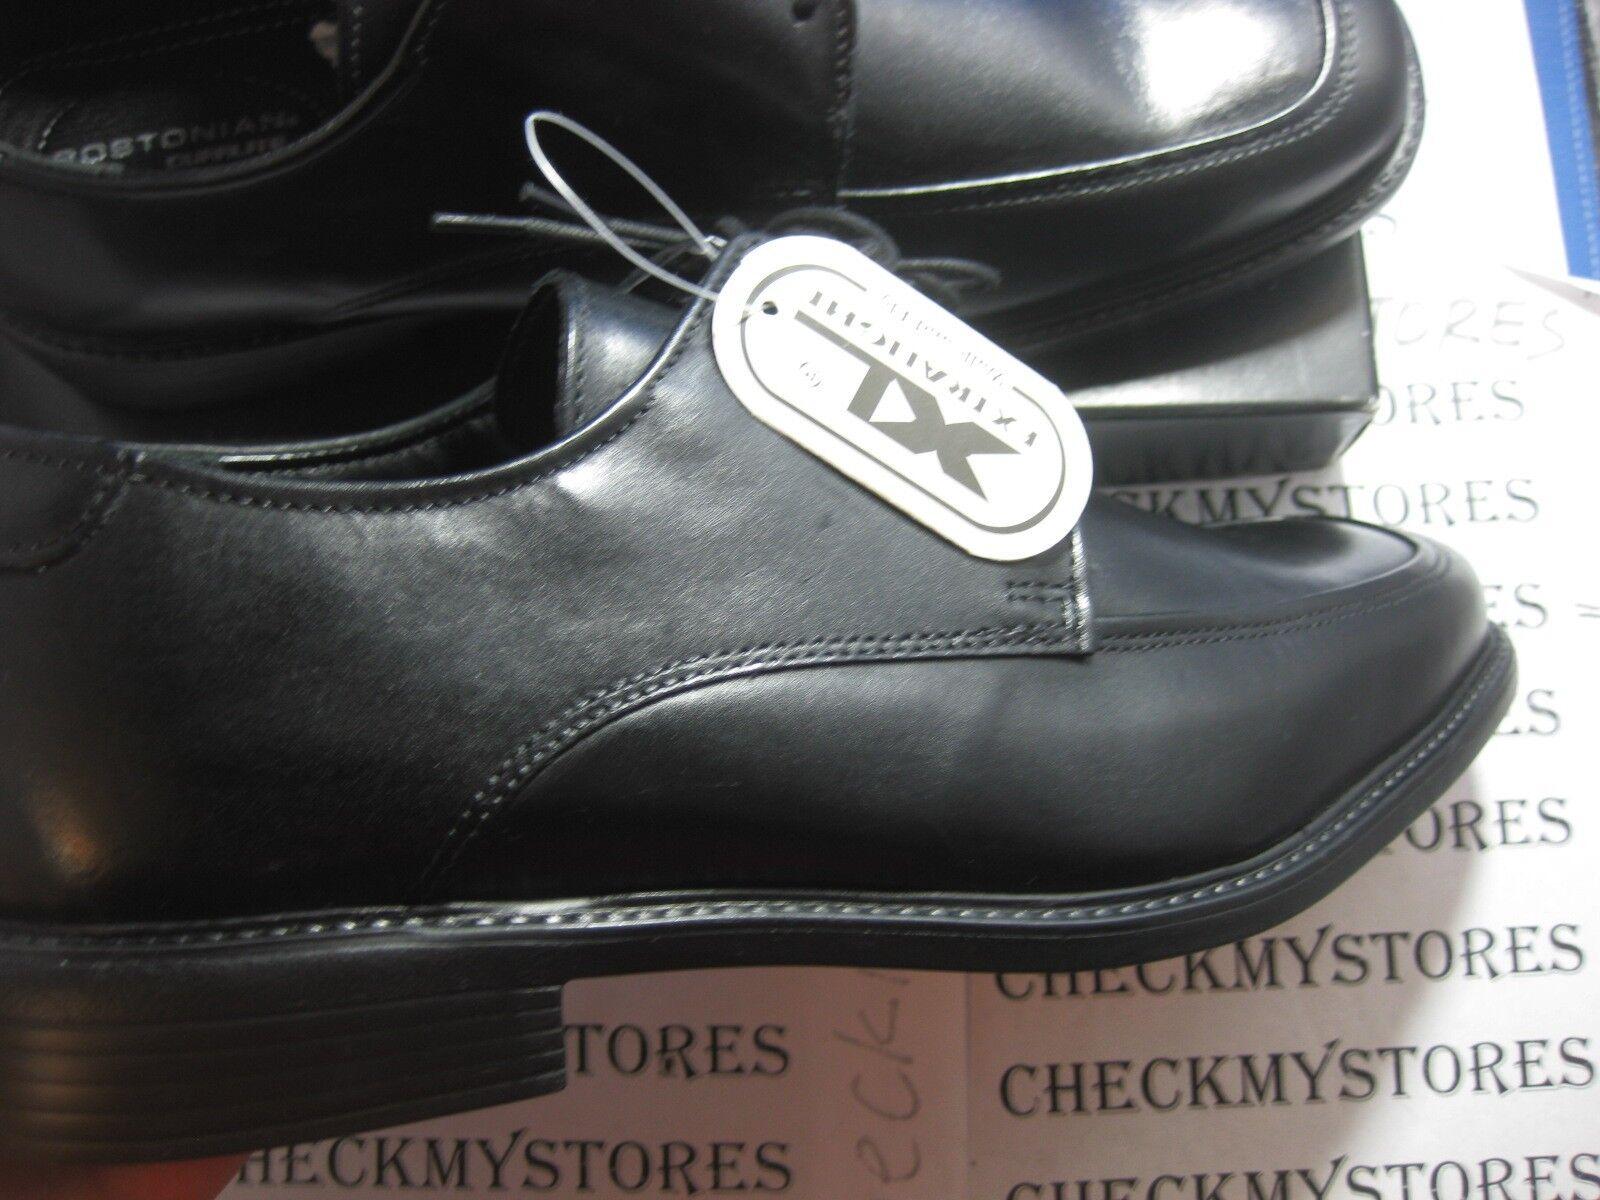 Nuevo Con Etiquetas Bostonian Bostonian Etiquetas Tonno Cuero Premium Oxford de casual/dress Comodidad Zapatos 6ebf41